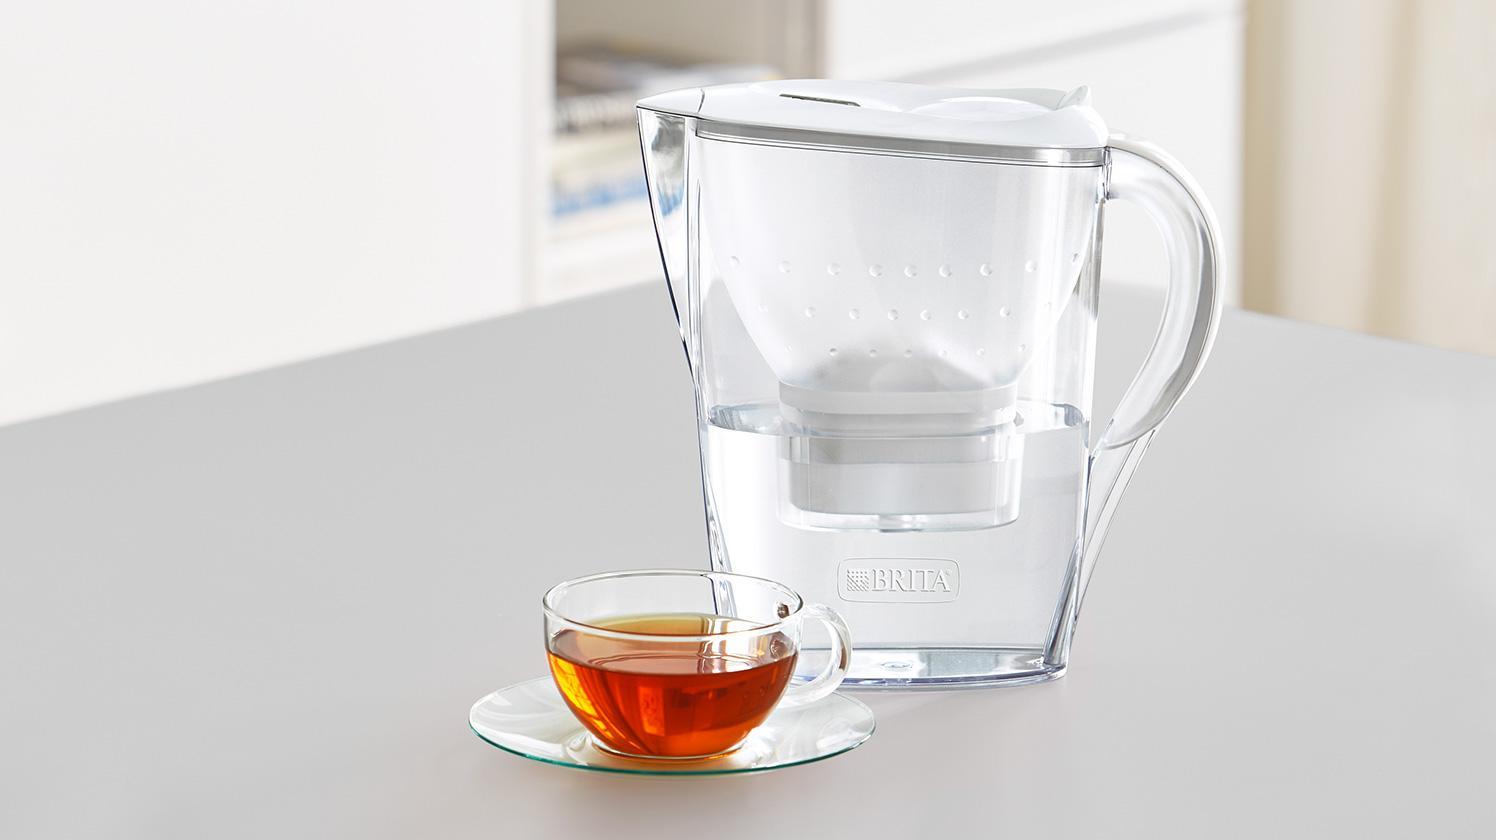 BRITA Marella counter red tea